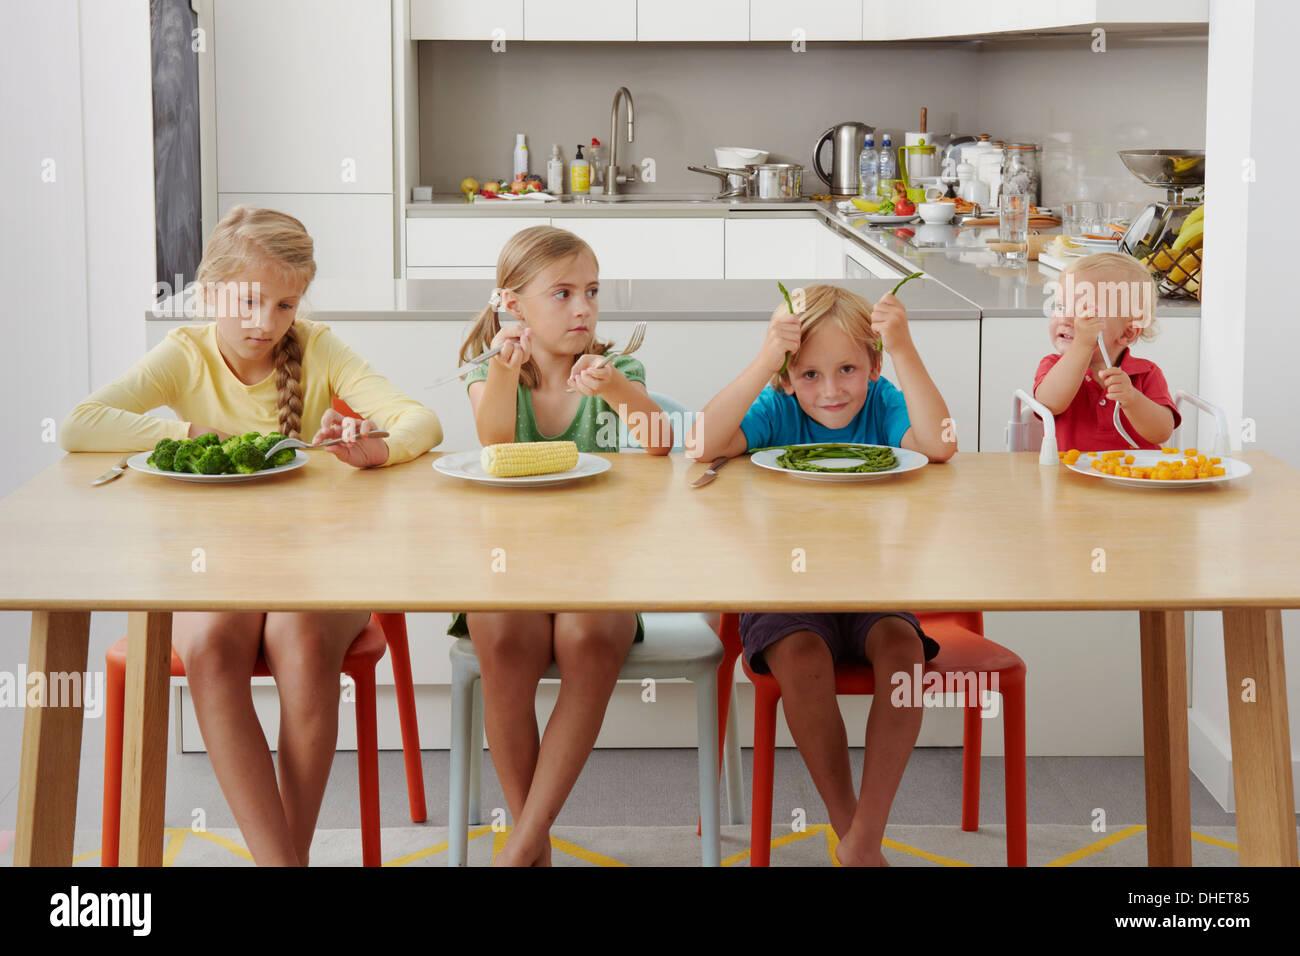 Kinder, die sich weigern, Gemüse zu essen Stockfoto